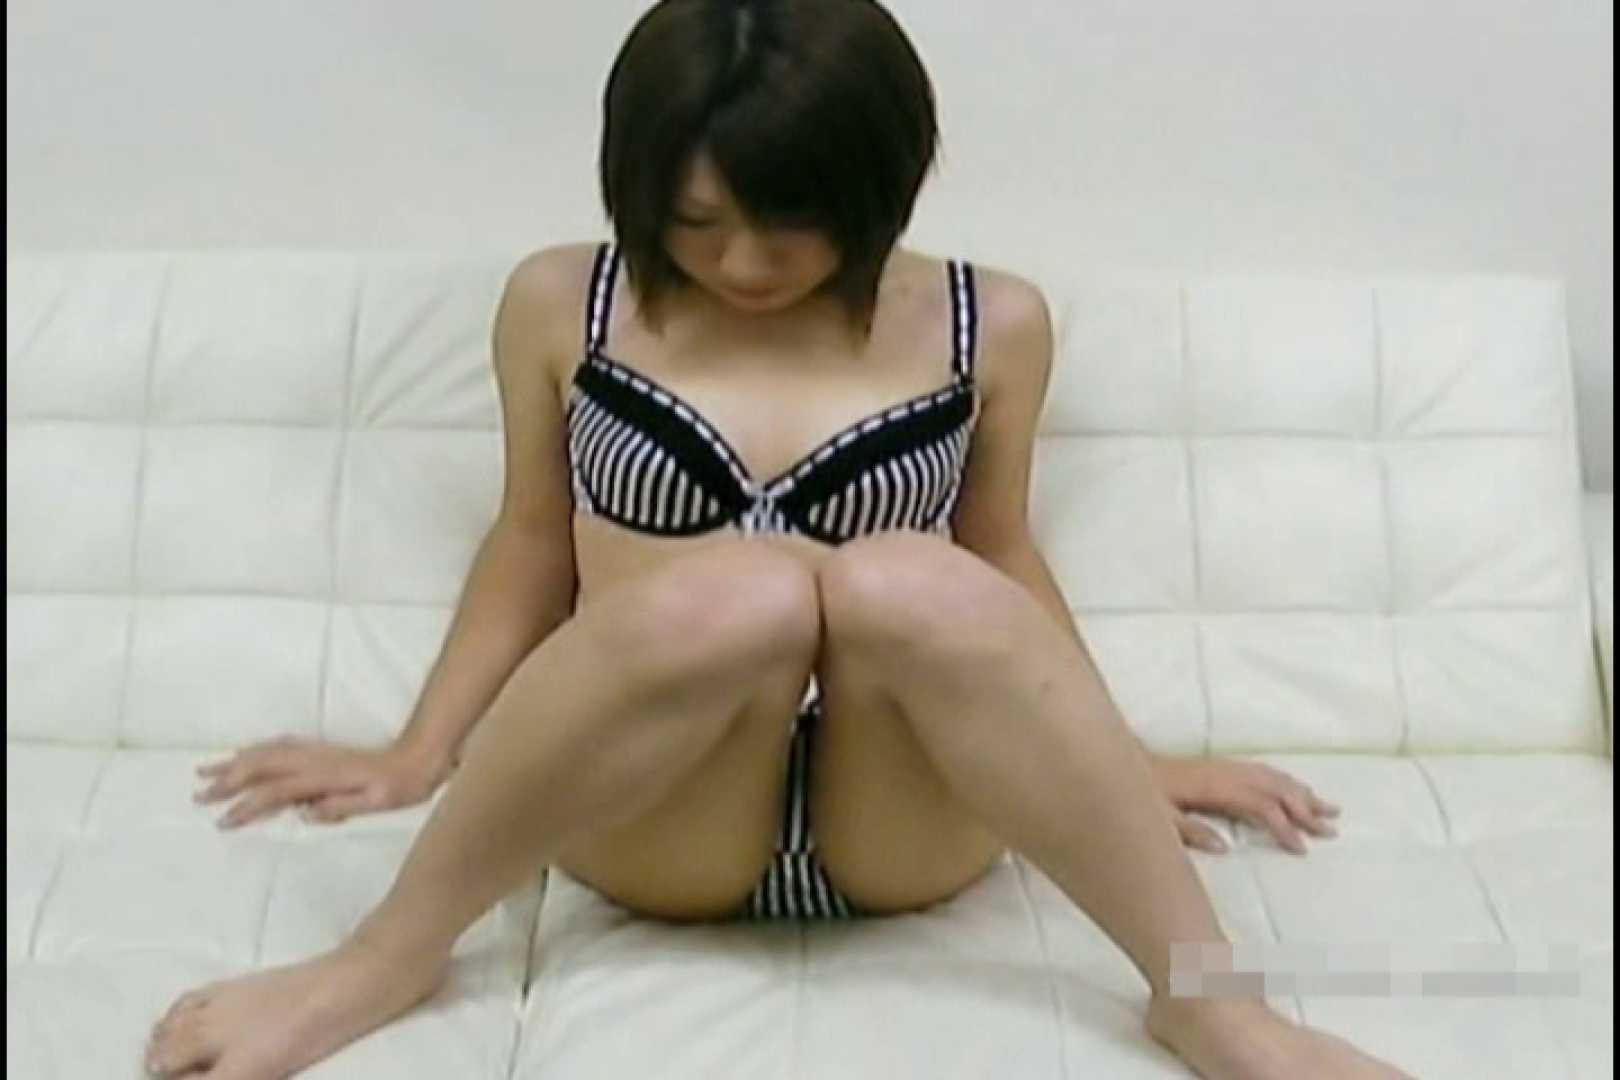 素人撮影 下着だけの撮影のはずが・・・れみ18歳 おっぱい  94連発 57